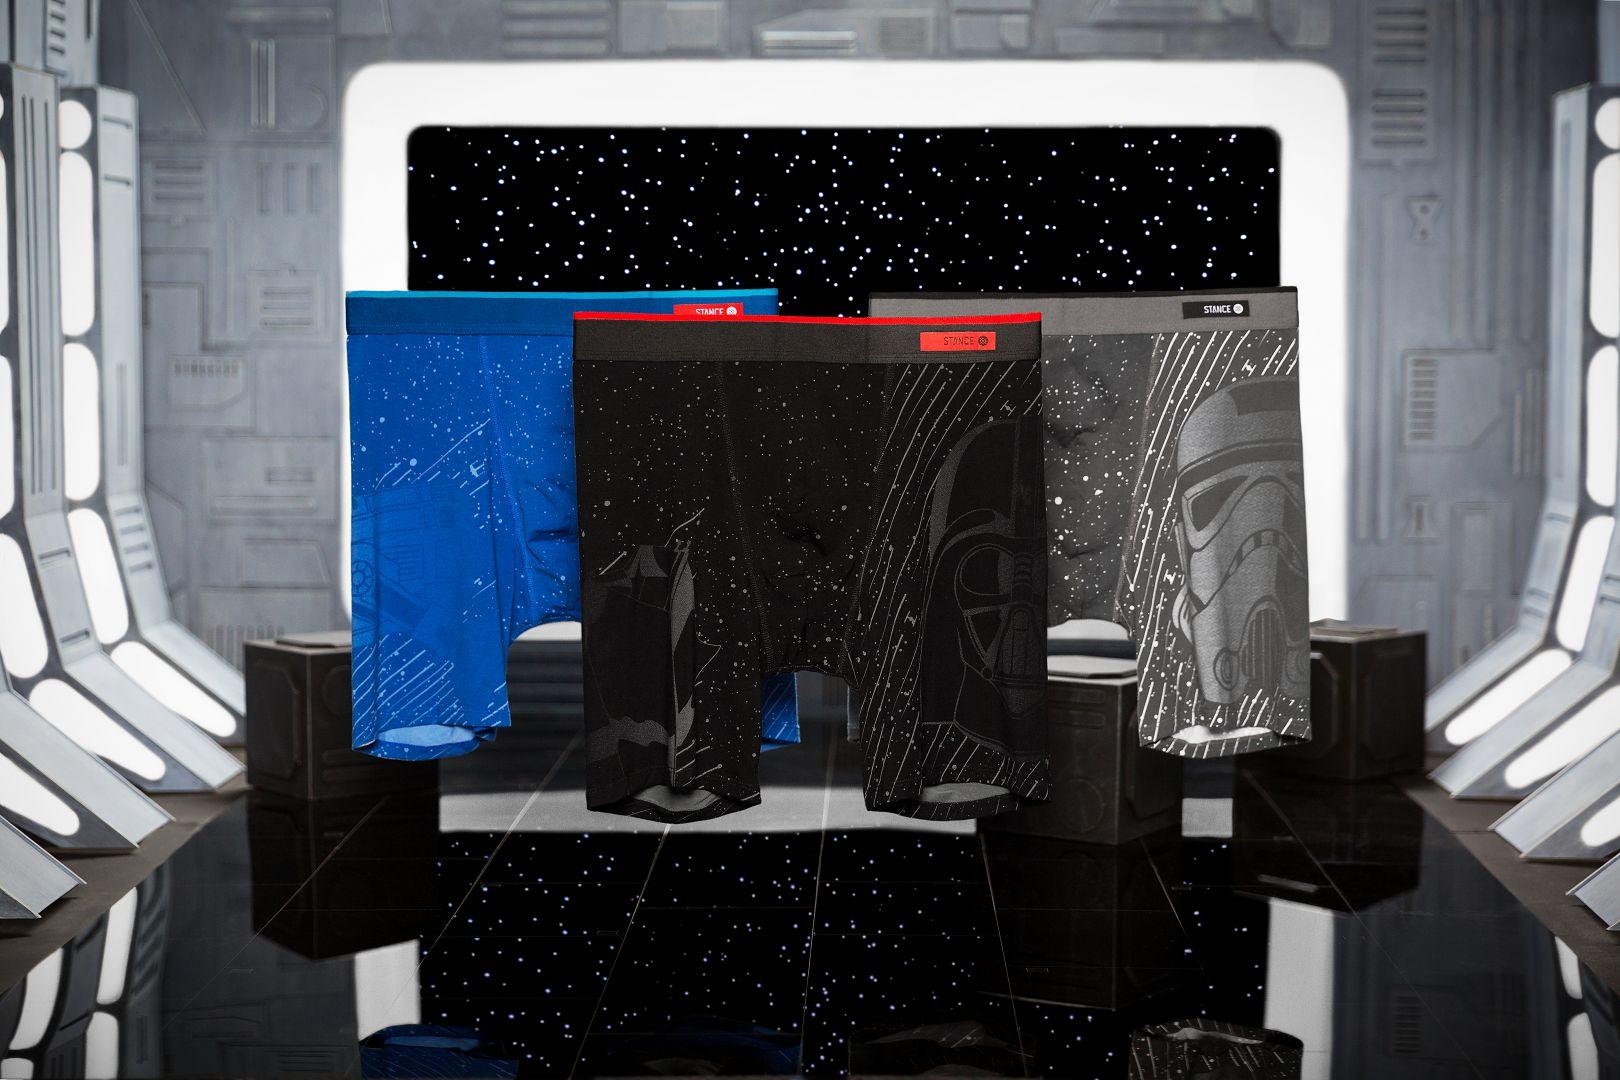 201611_stance-x-star-wars-3